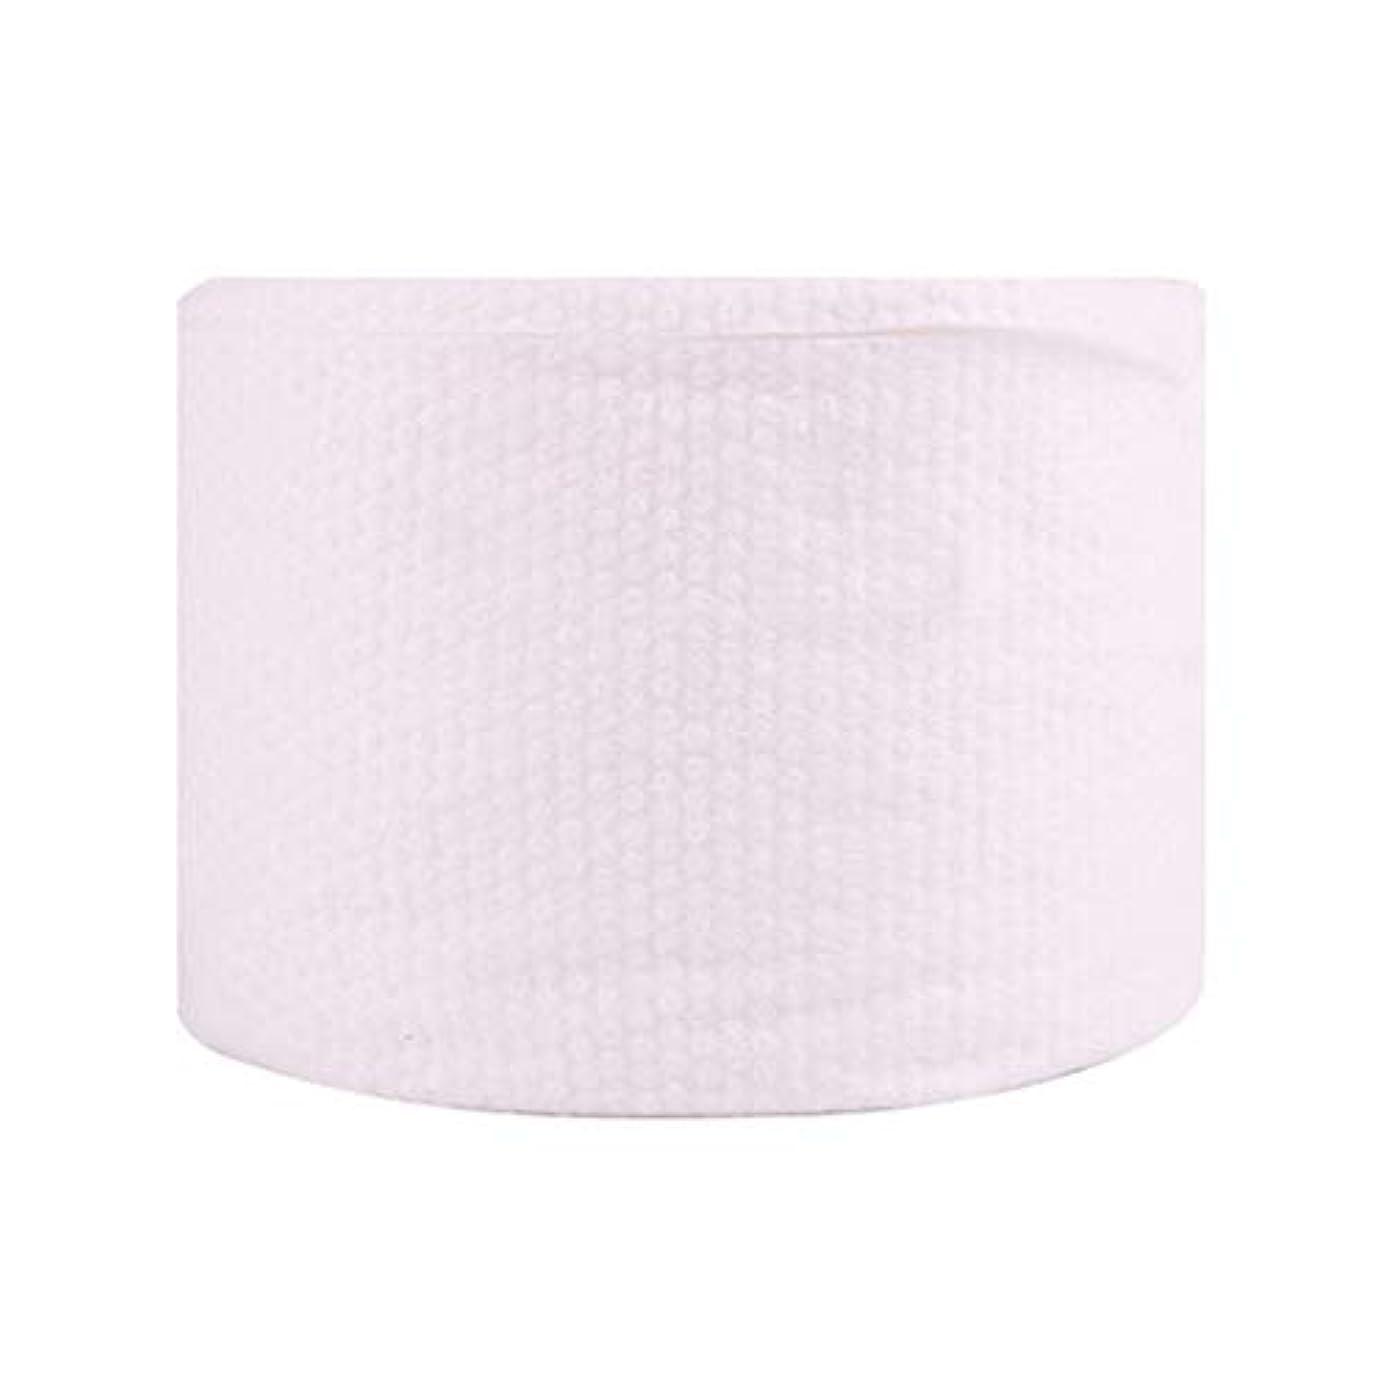 つぶす準備する帆TOOGOO 使い捨てフェイスタオル化粧拭き取り綿パッド メイク落としパッド ソフトパッド化粧品 フェイスマスククレンジングケアフェイシャルナプキン